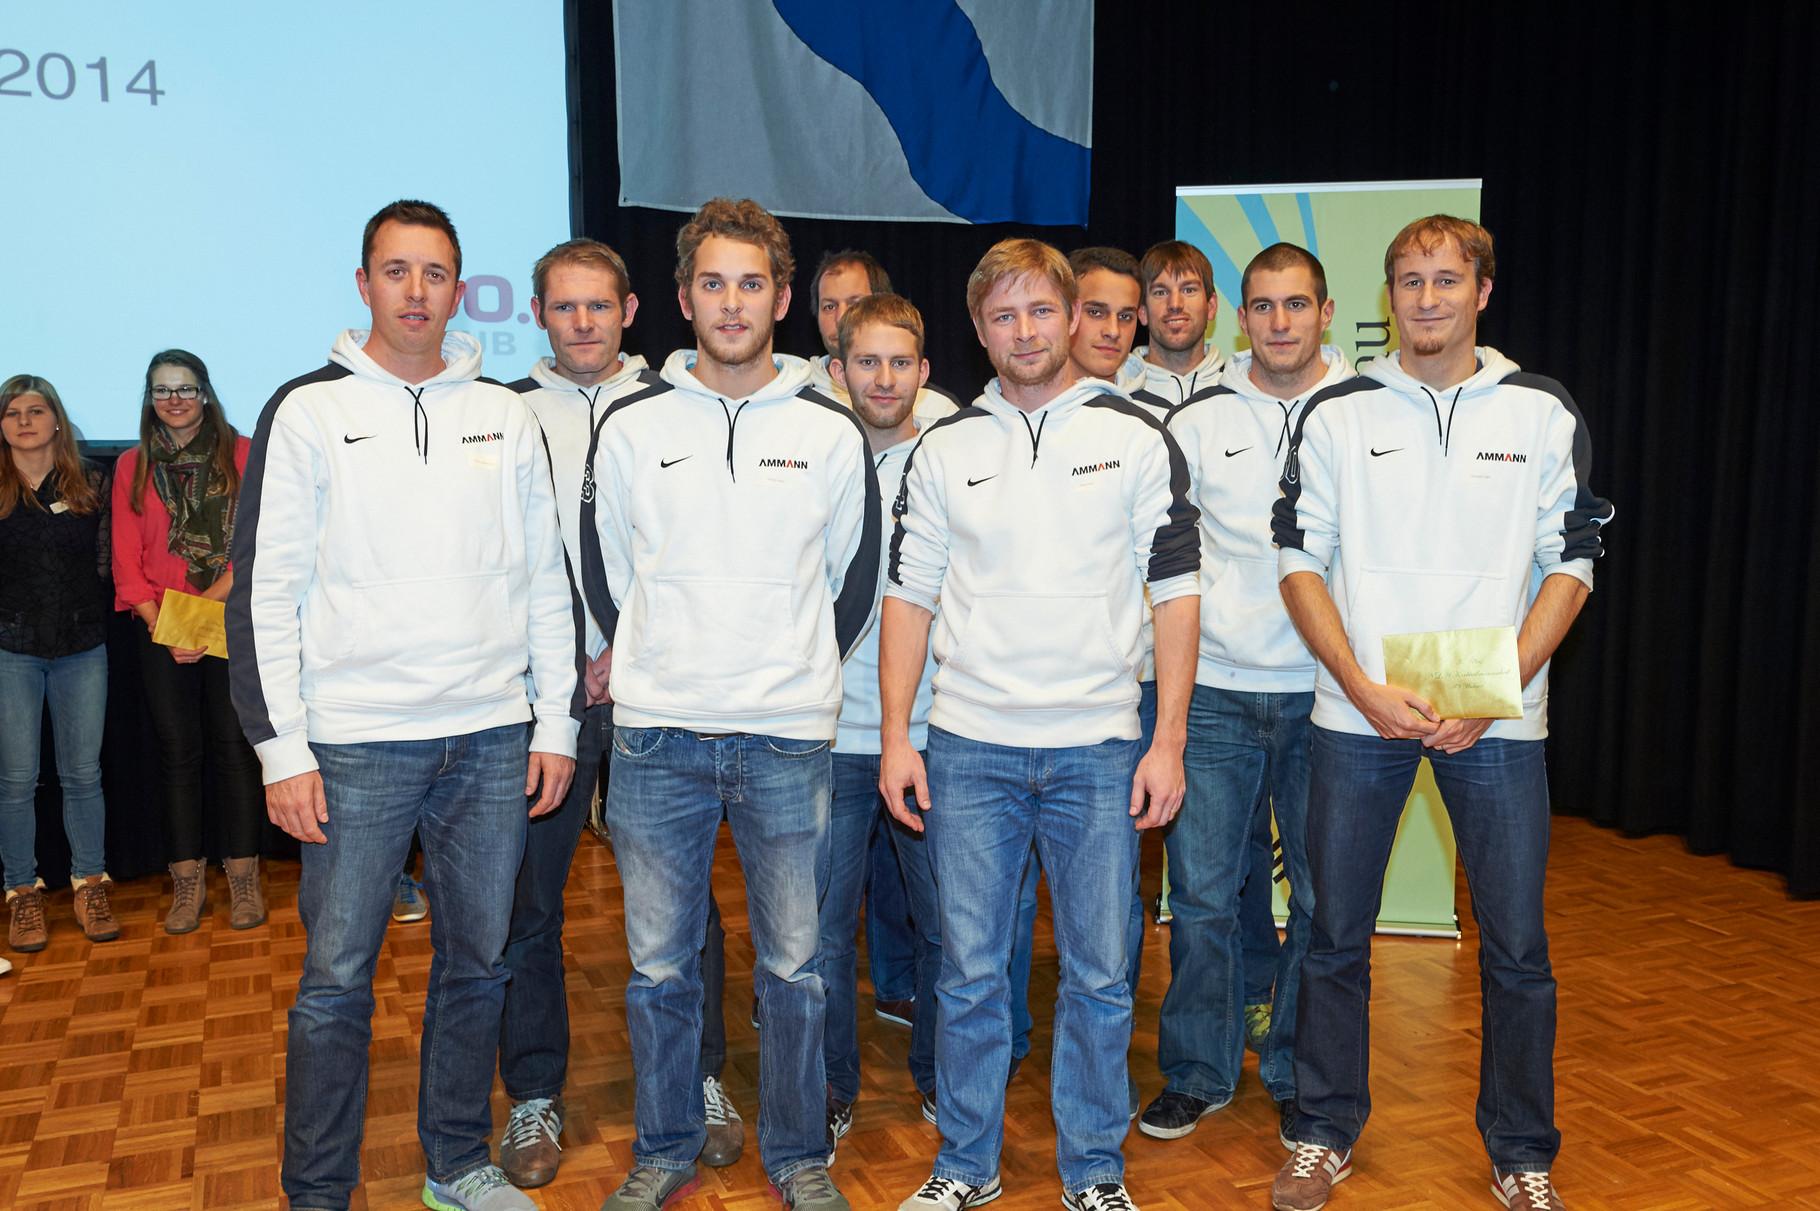 Mittelstrecken-Team Männer, LZ Oberaargau